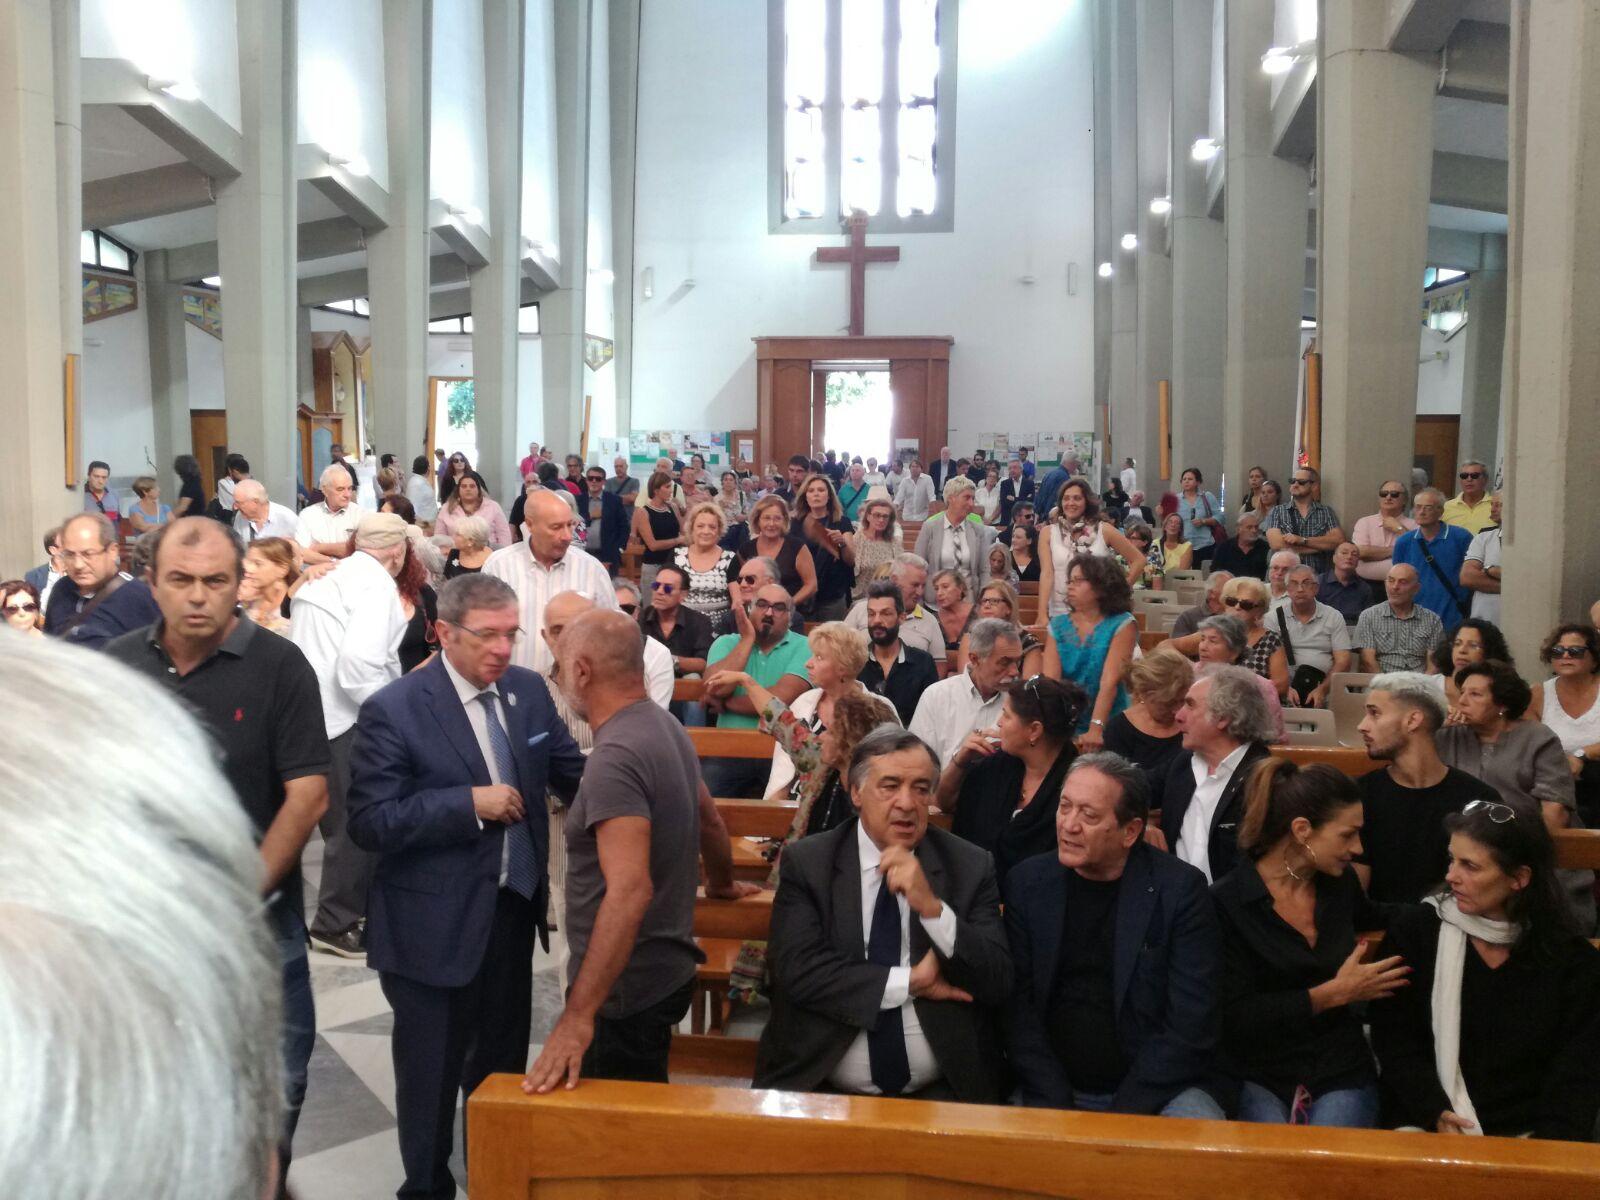 Le immagini dei funerali di Gigi Burruano, attore palermitano molto amato dal pubblico. Presenti amici, parenti e molti volti noti.